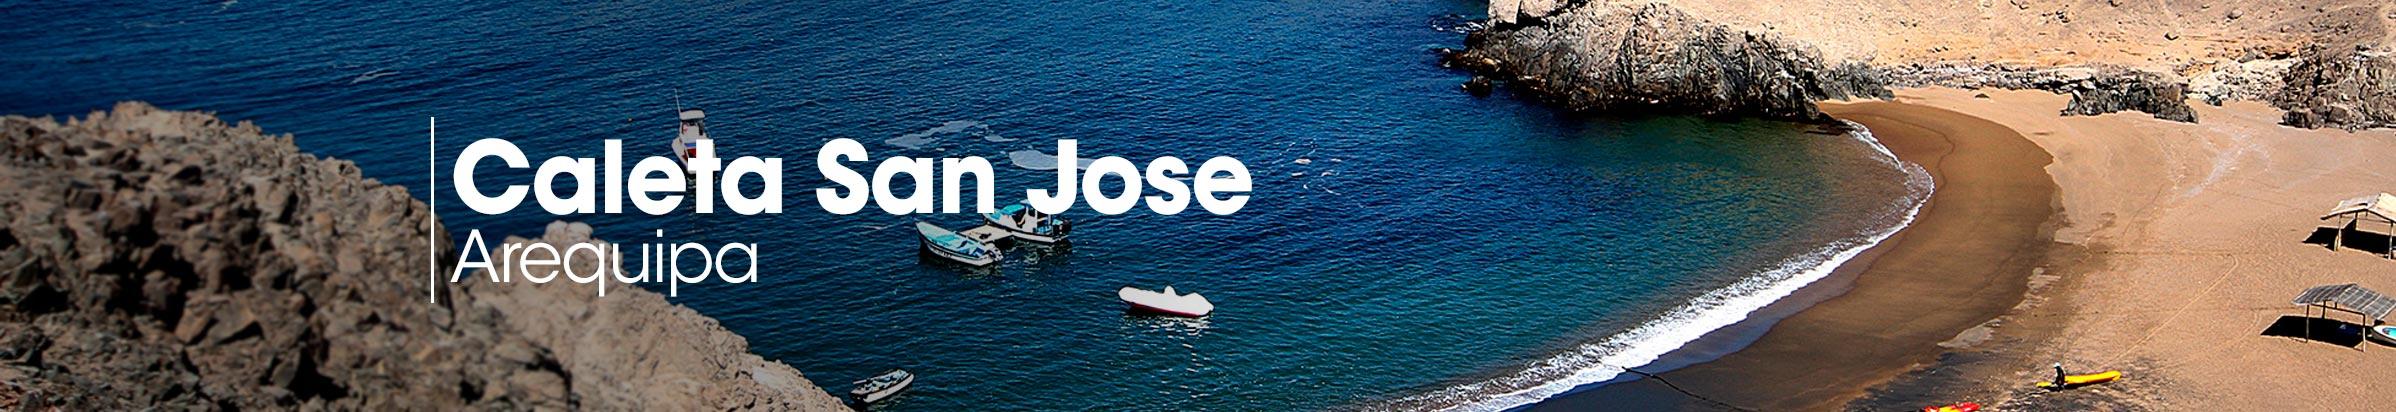 Blog-Img-PlayasPerú-CaletaSanJose